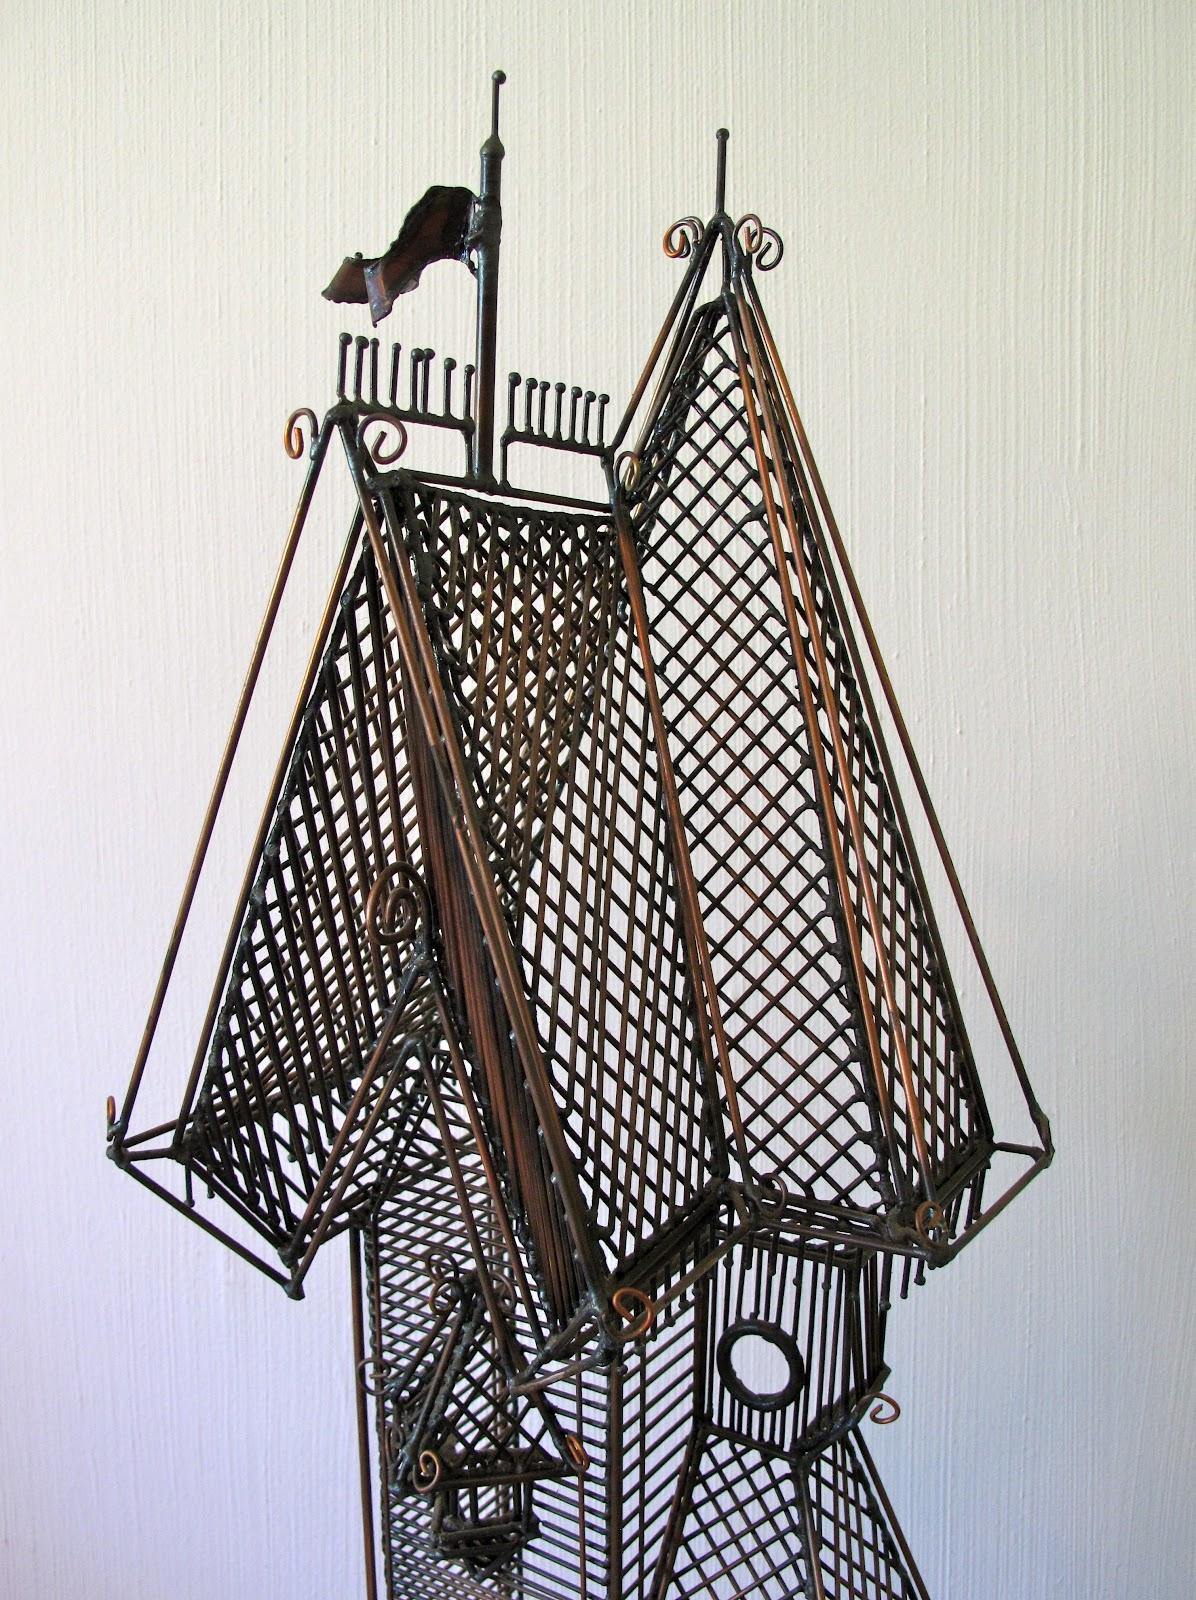 postwarpop: Wire Sculpture • Guy Pullen • California • 1970s